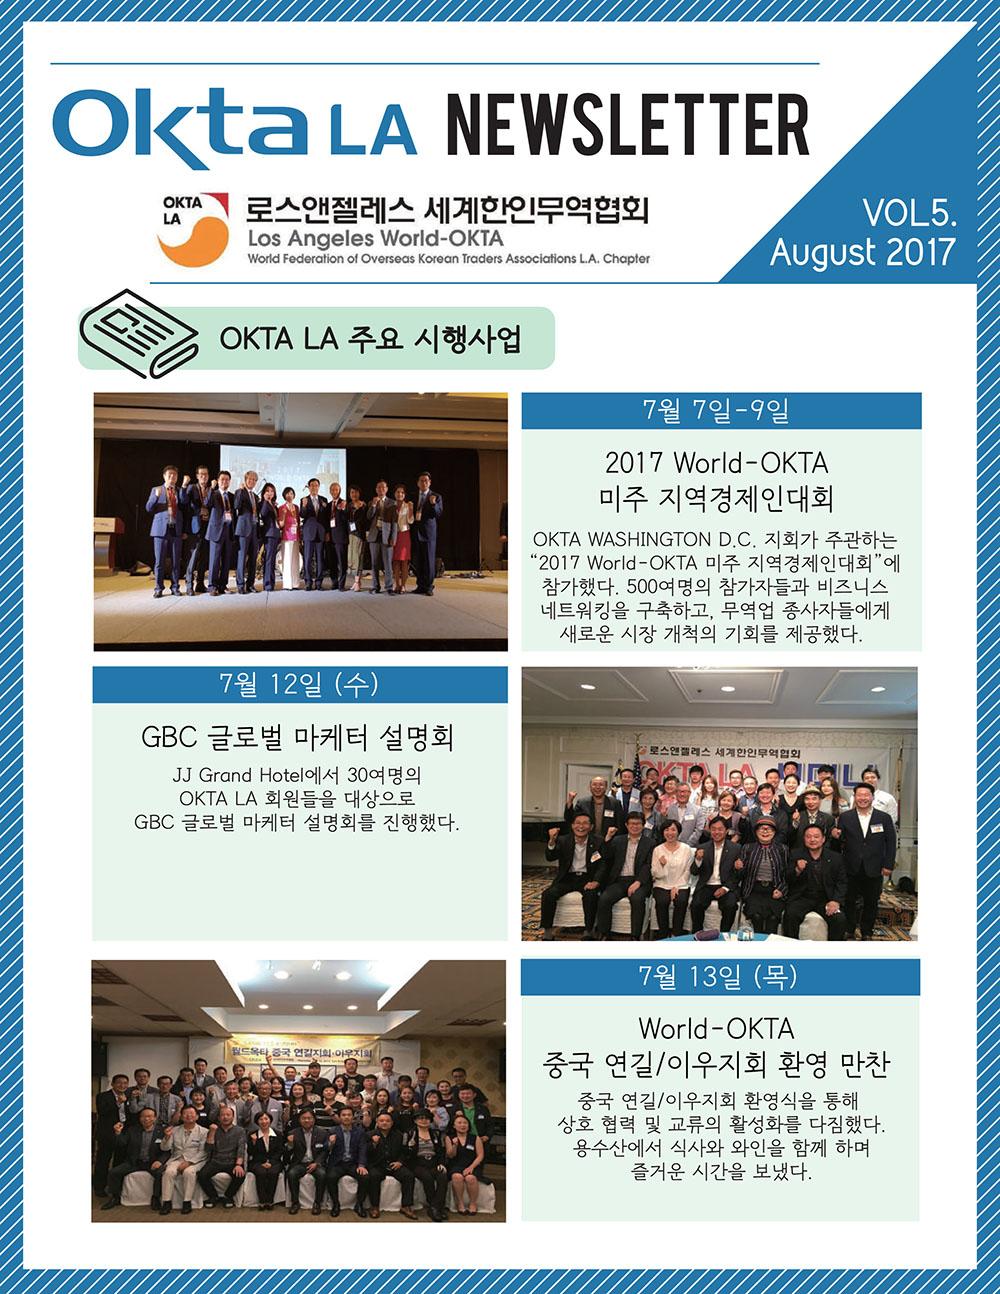 2017 OKTA LA 뉴스레터 <br>5월호 Vol 5